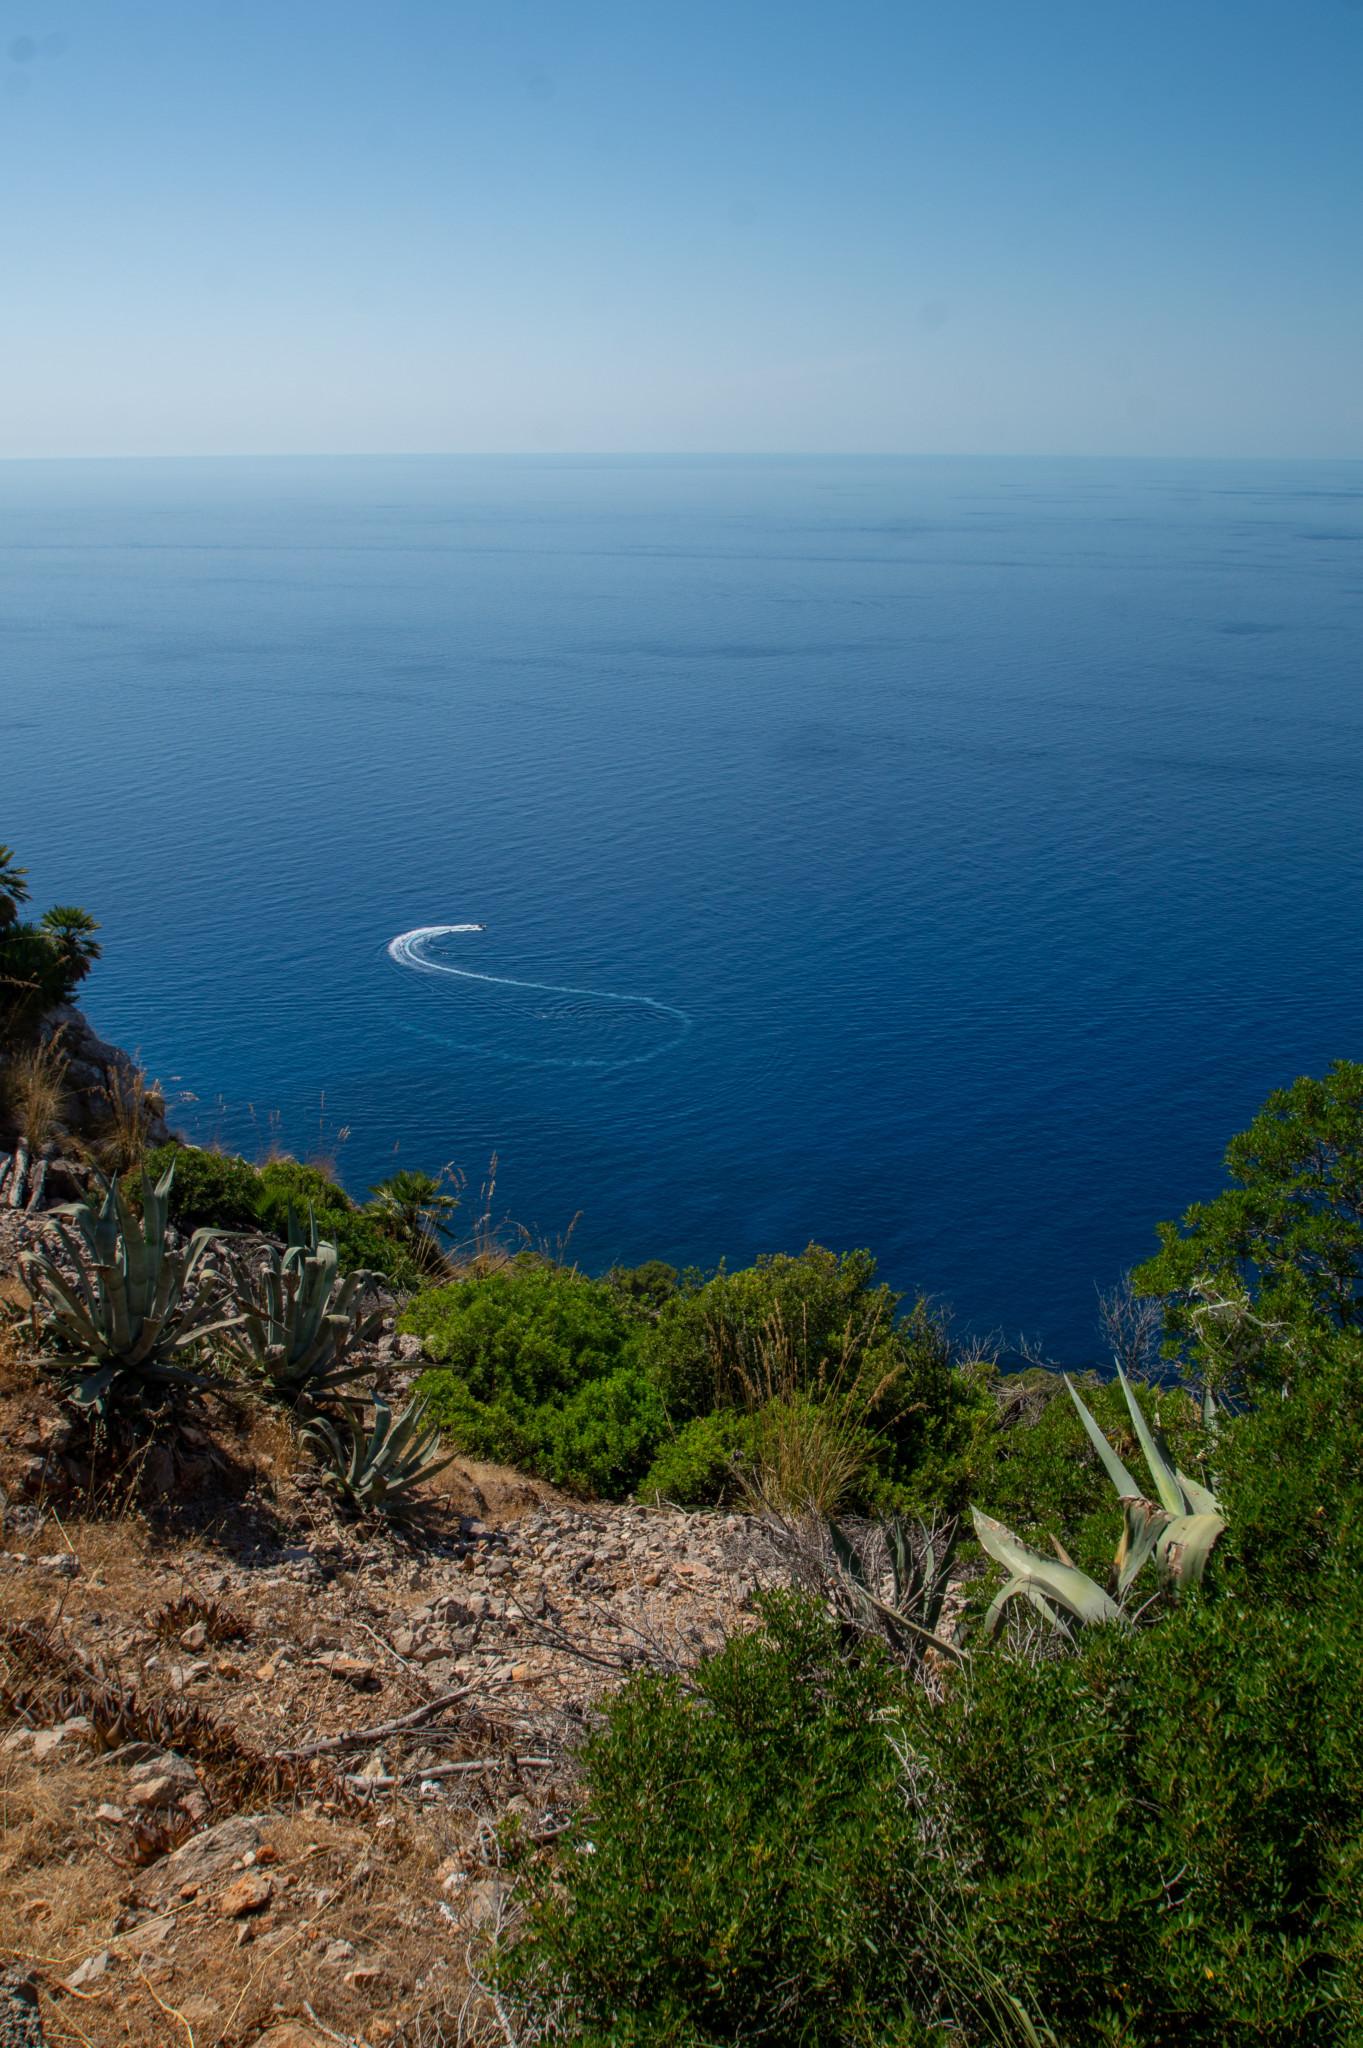 Die schönsten Mallorca Sehenswürdigkeiten findet man mit dem Mietwagen